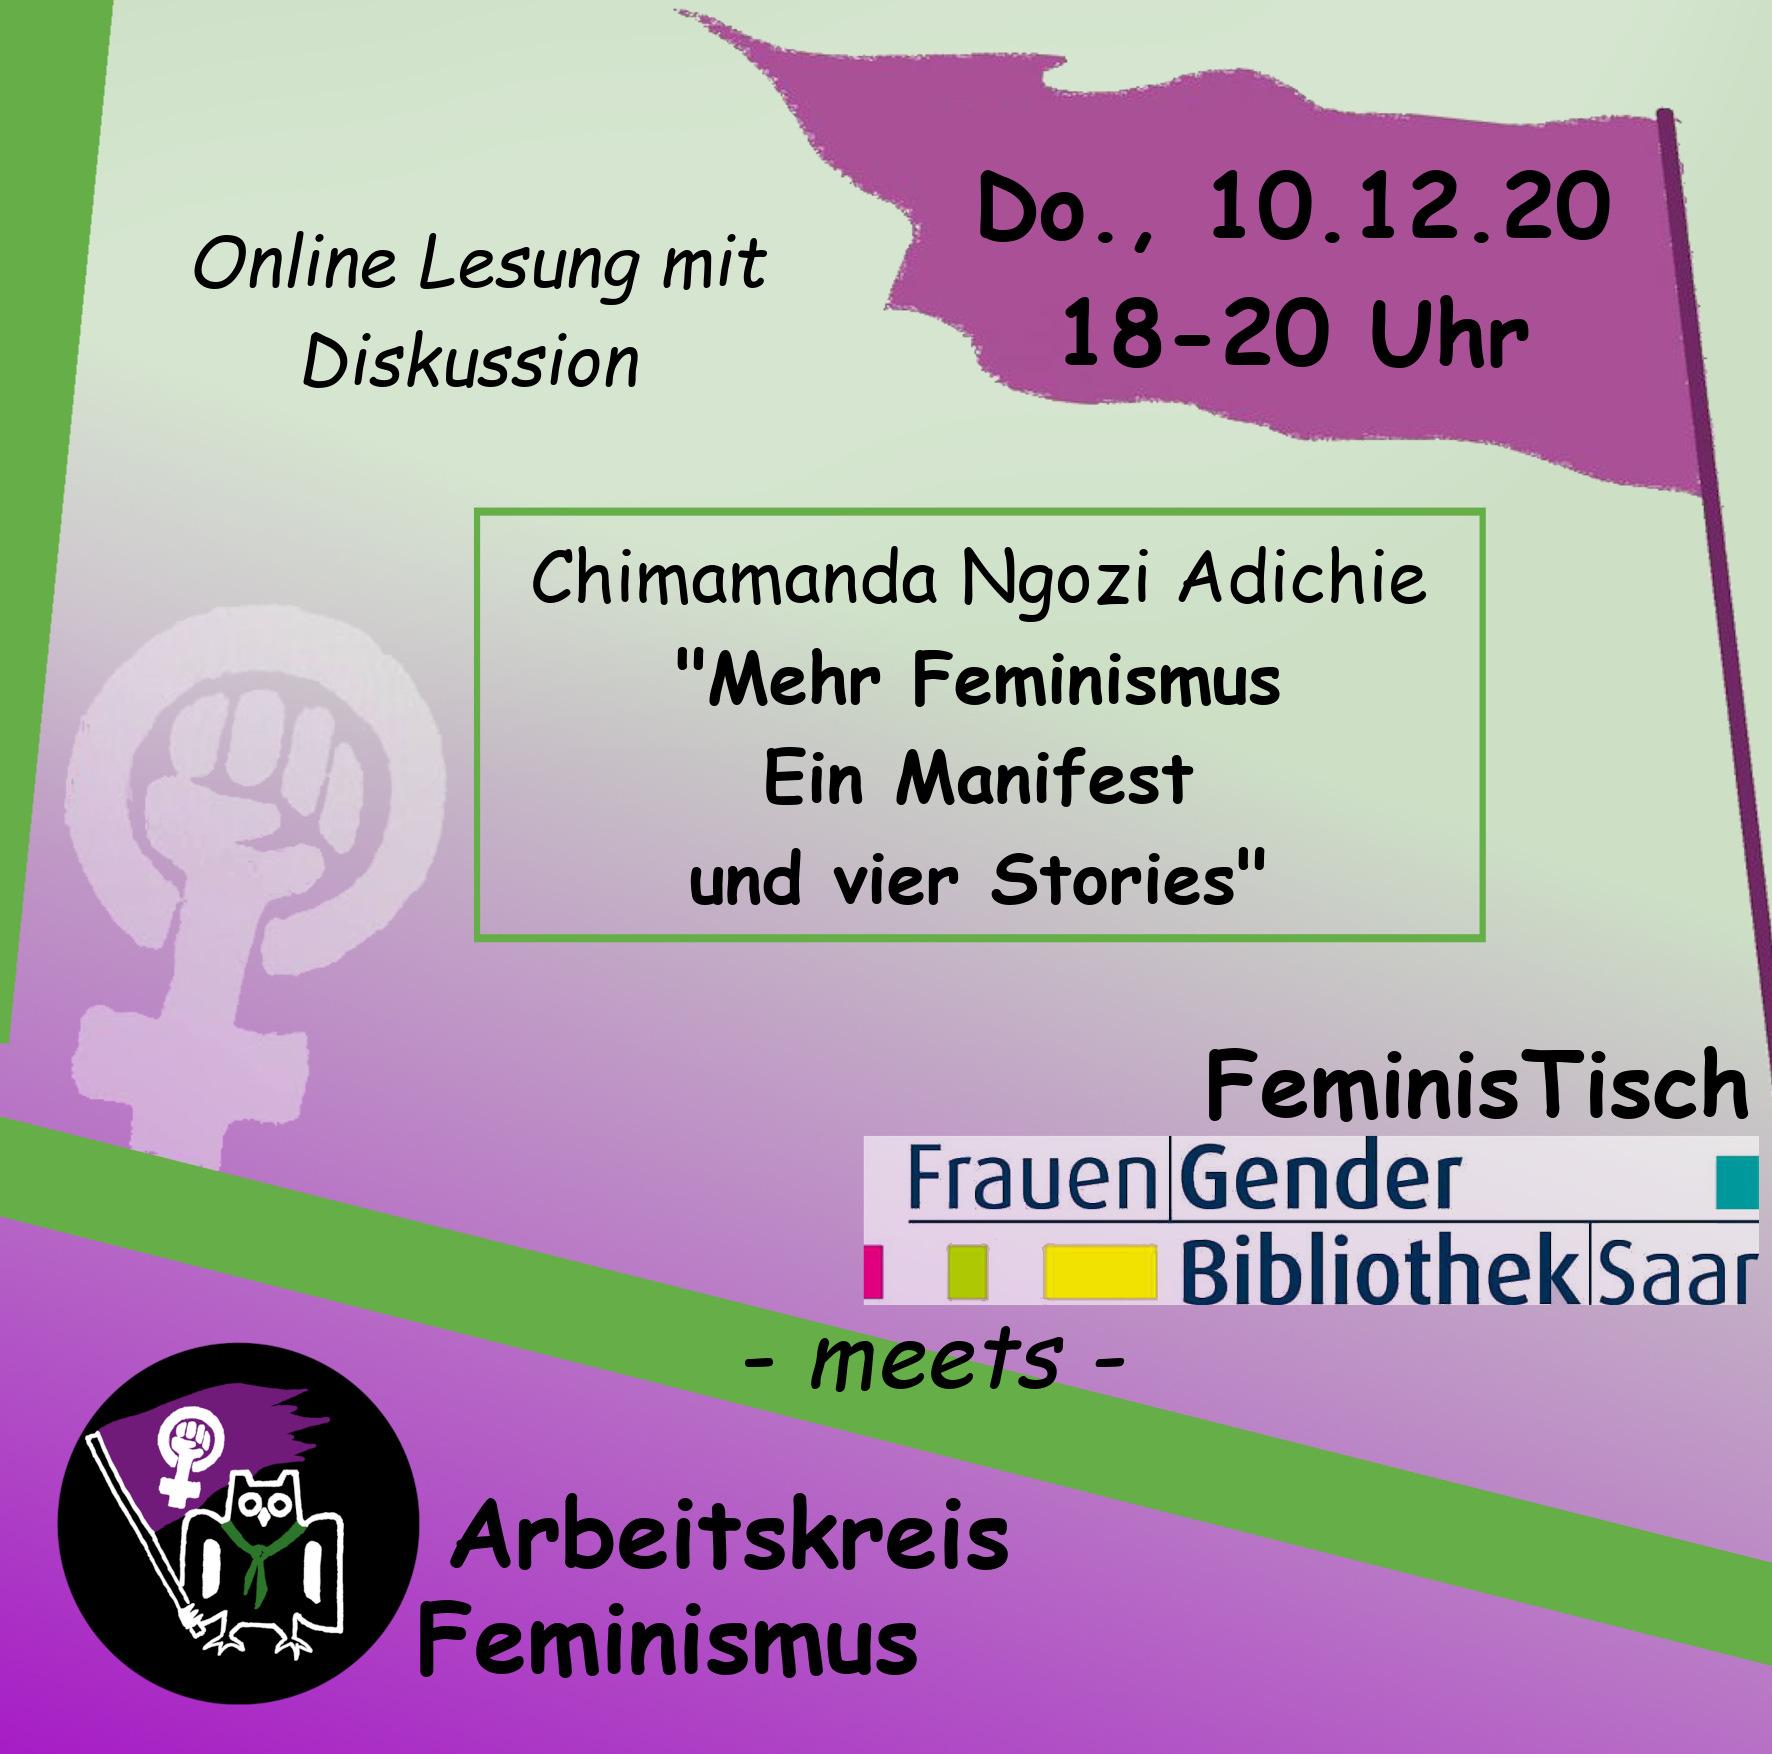 """""""FeminisTisch"""" Spezial mit AK Feminismus: Lesung und Gespräch zu """"Mehr Feminismus! Ein Manifest und vier Stories """" am Donnerstag, 10.Dezember2020, von 18 bis 20 Uhr"""